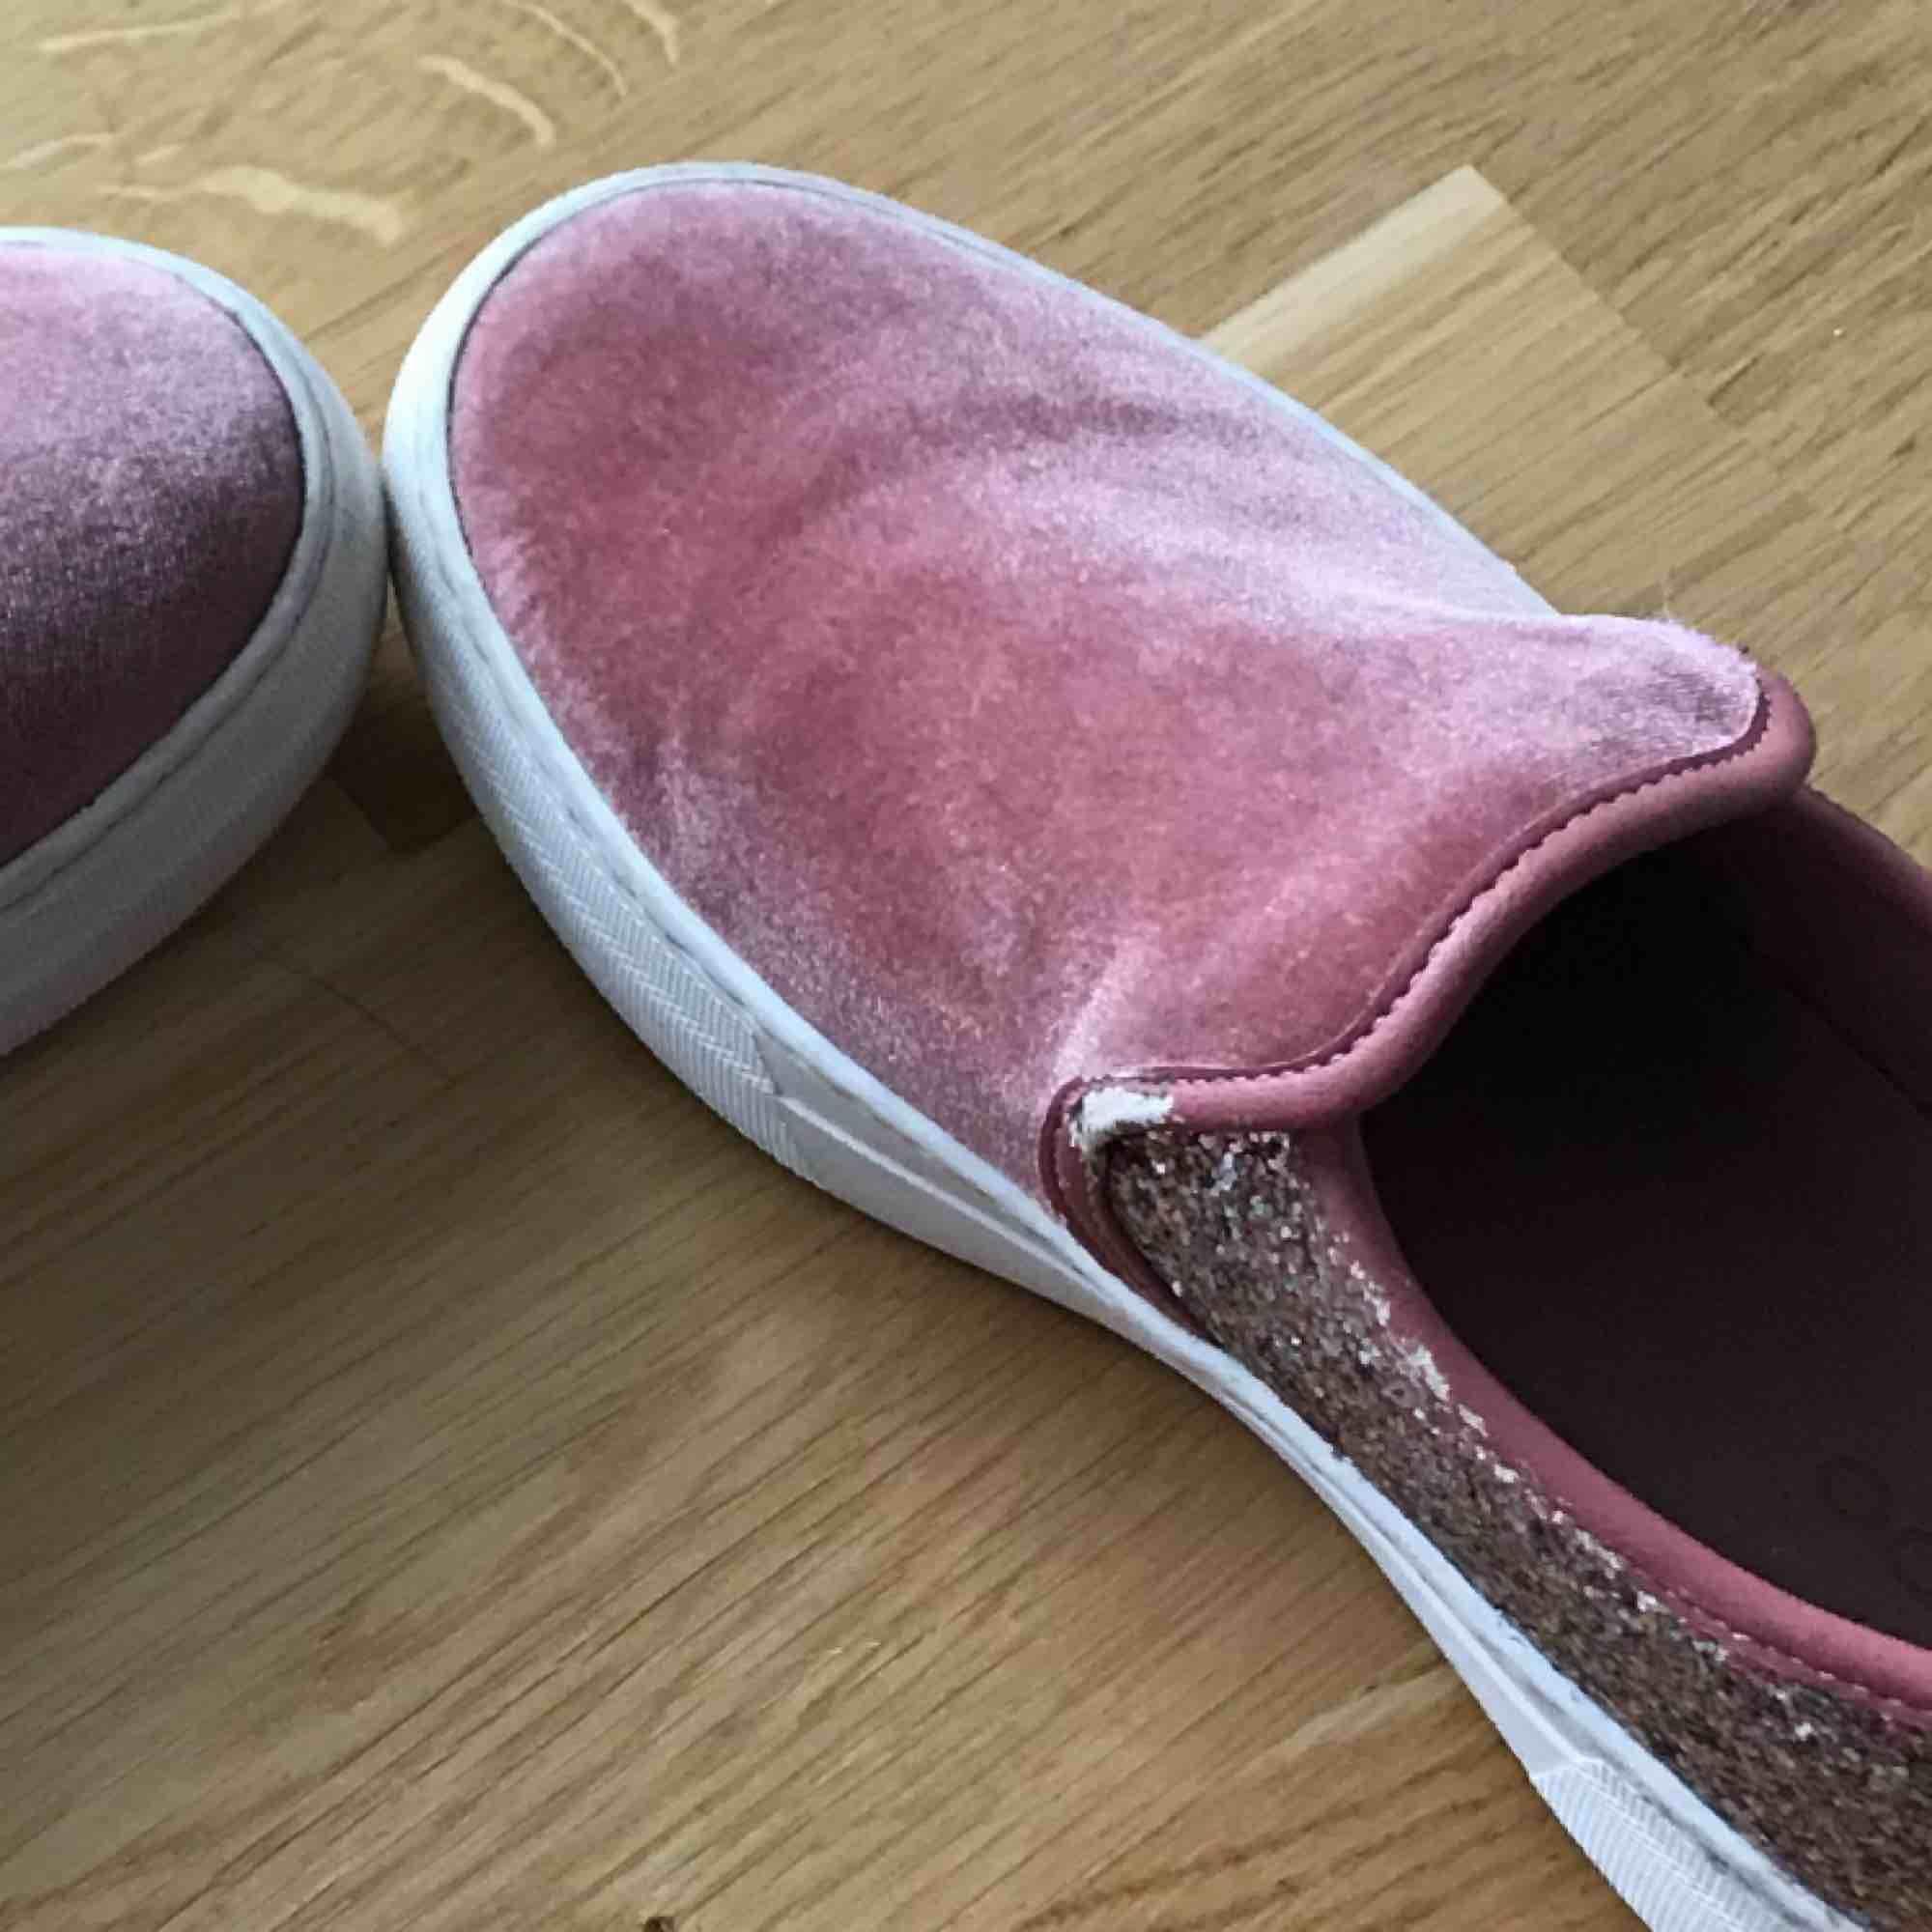 Rosa skor som köpte i början av förra året när jag var i London. Jag har inte använt de så mycket bara ett fåtal gånger. Det är i bra skick förutom lite slit vid sidan.. Skor.